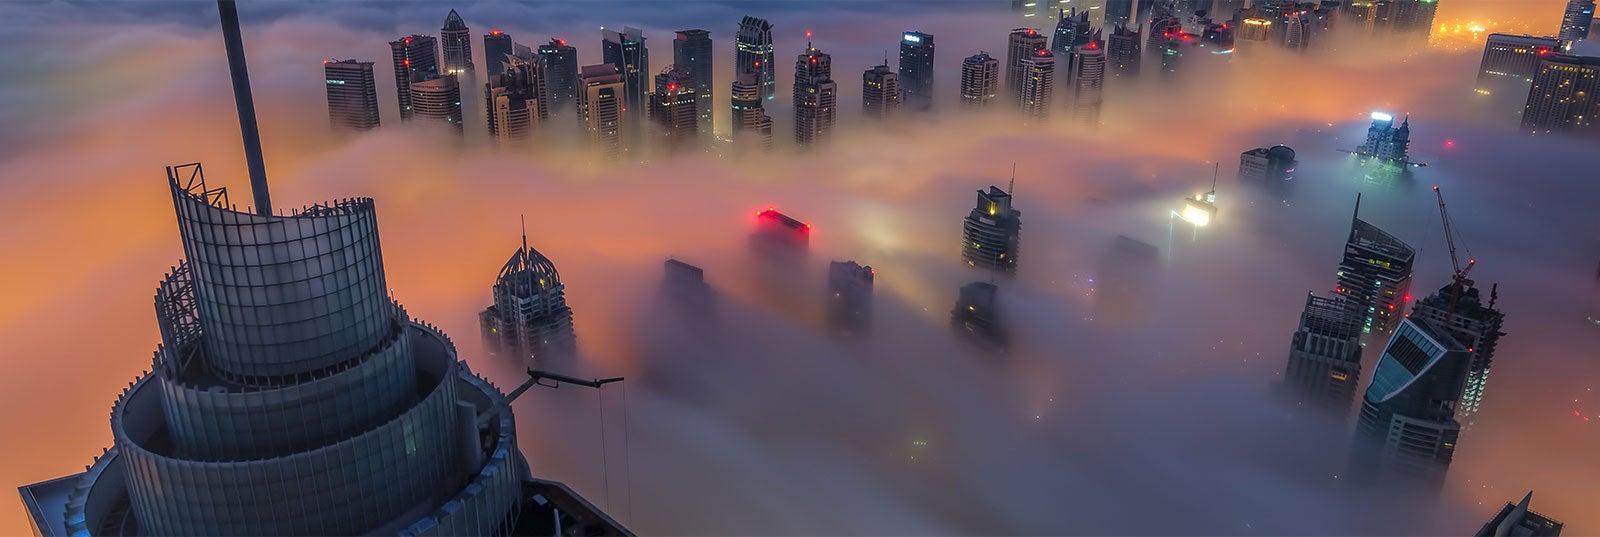 Guía turística de Dubái